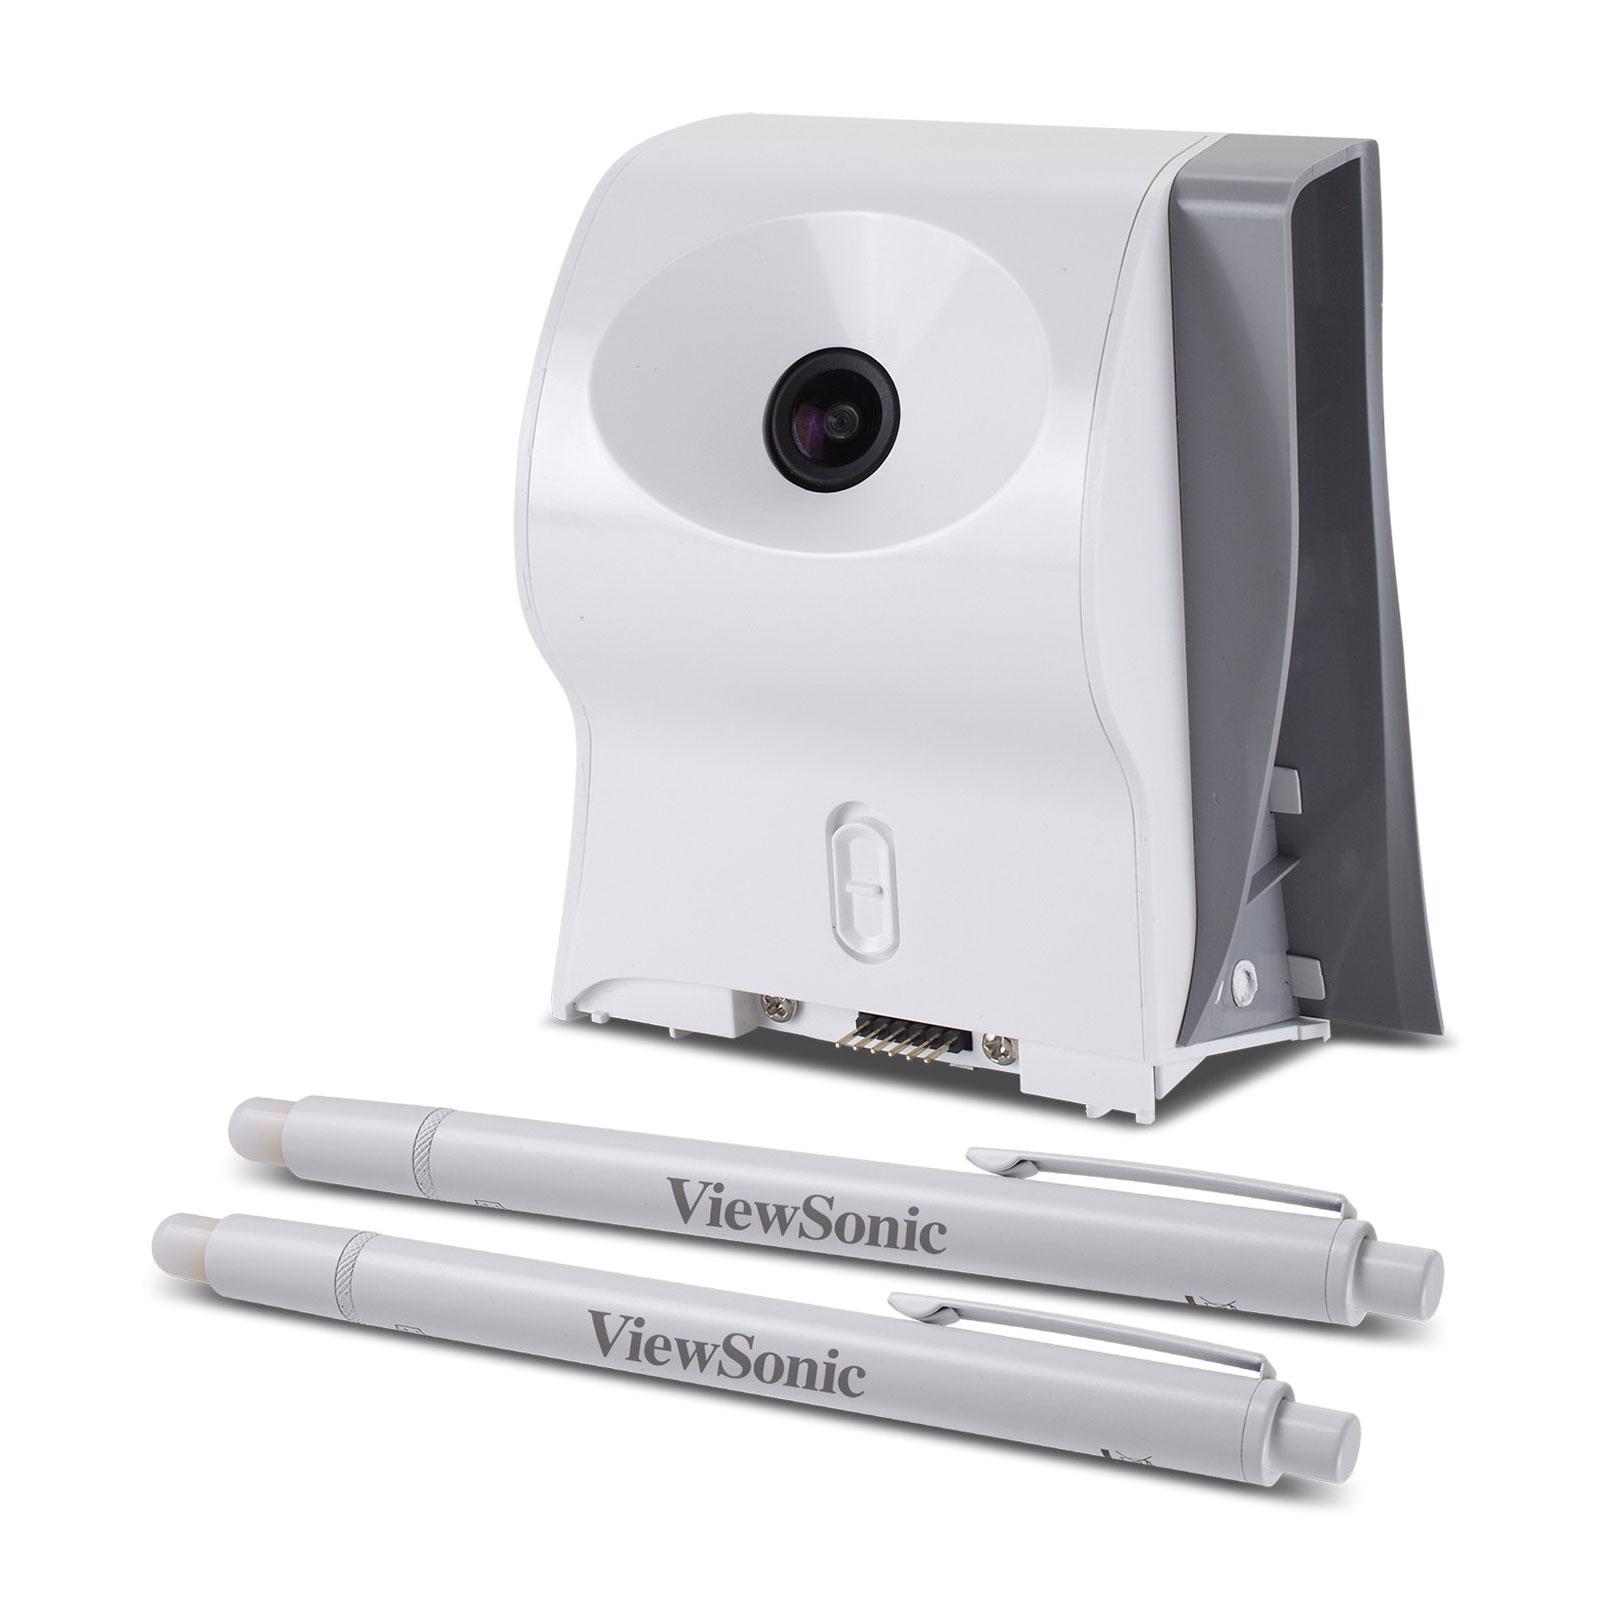 Accessoires ViewSonic PJ-PEN-003 Kit interactif pour ViewSonic PJD8353s et PJD8653ws